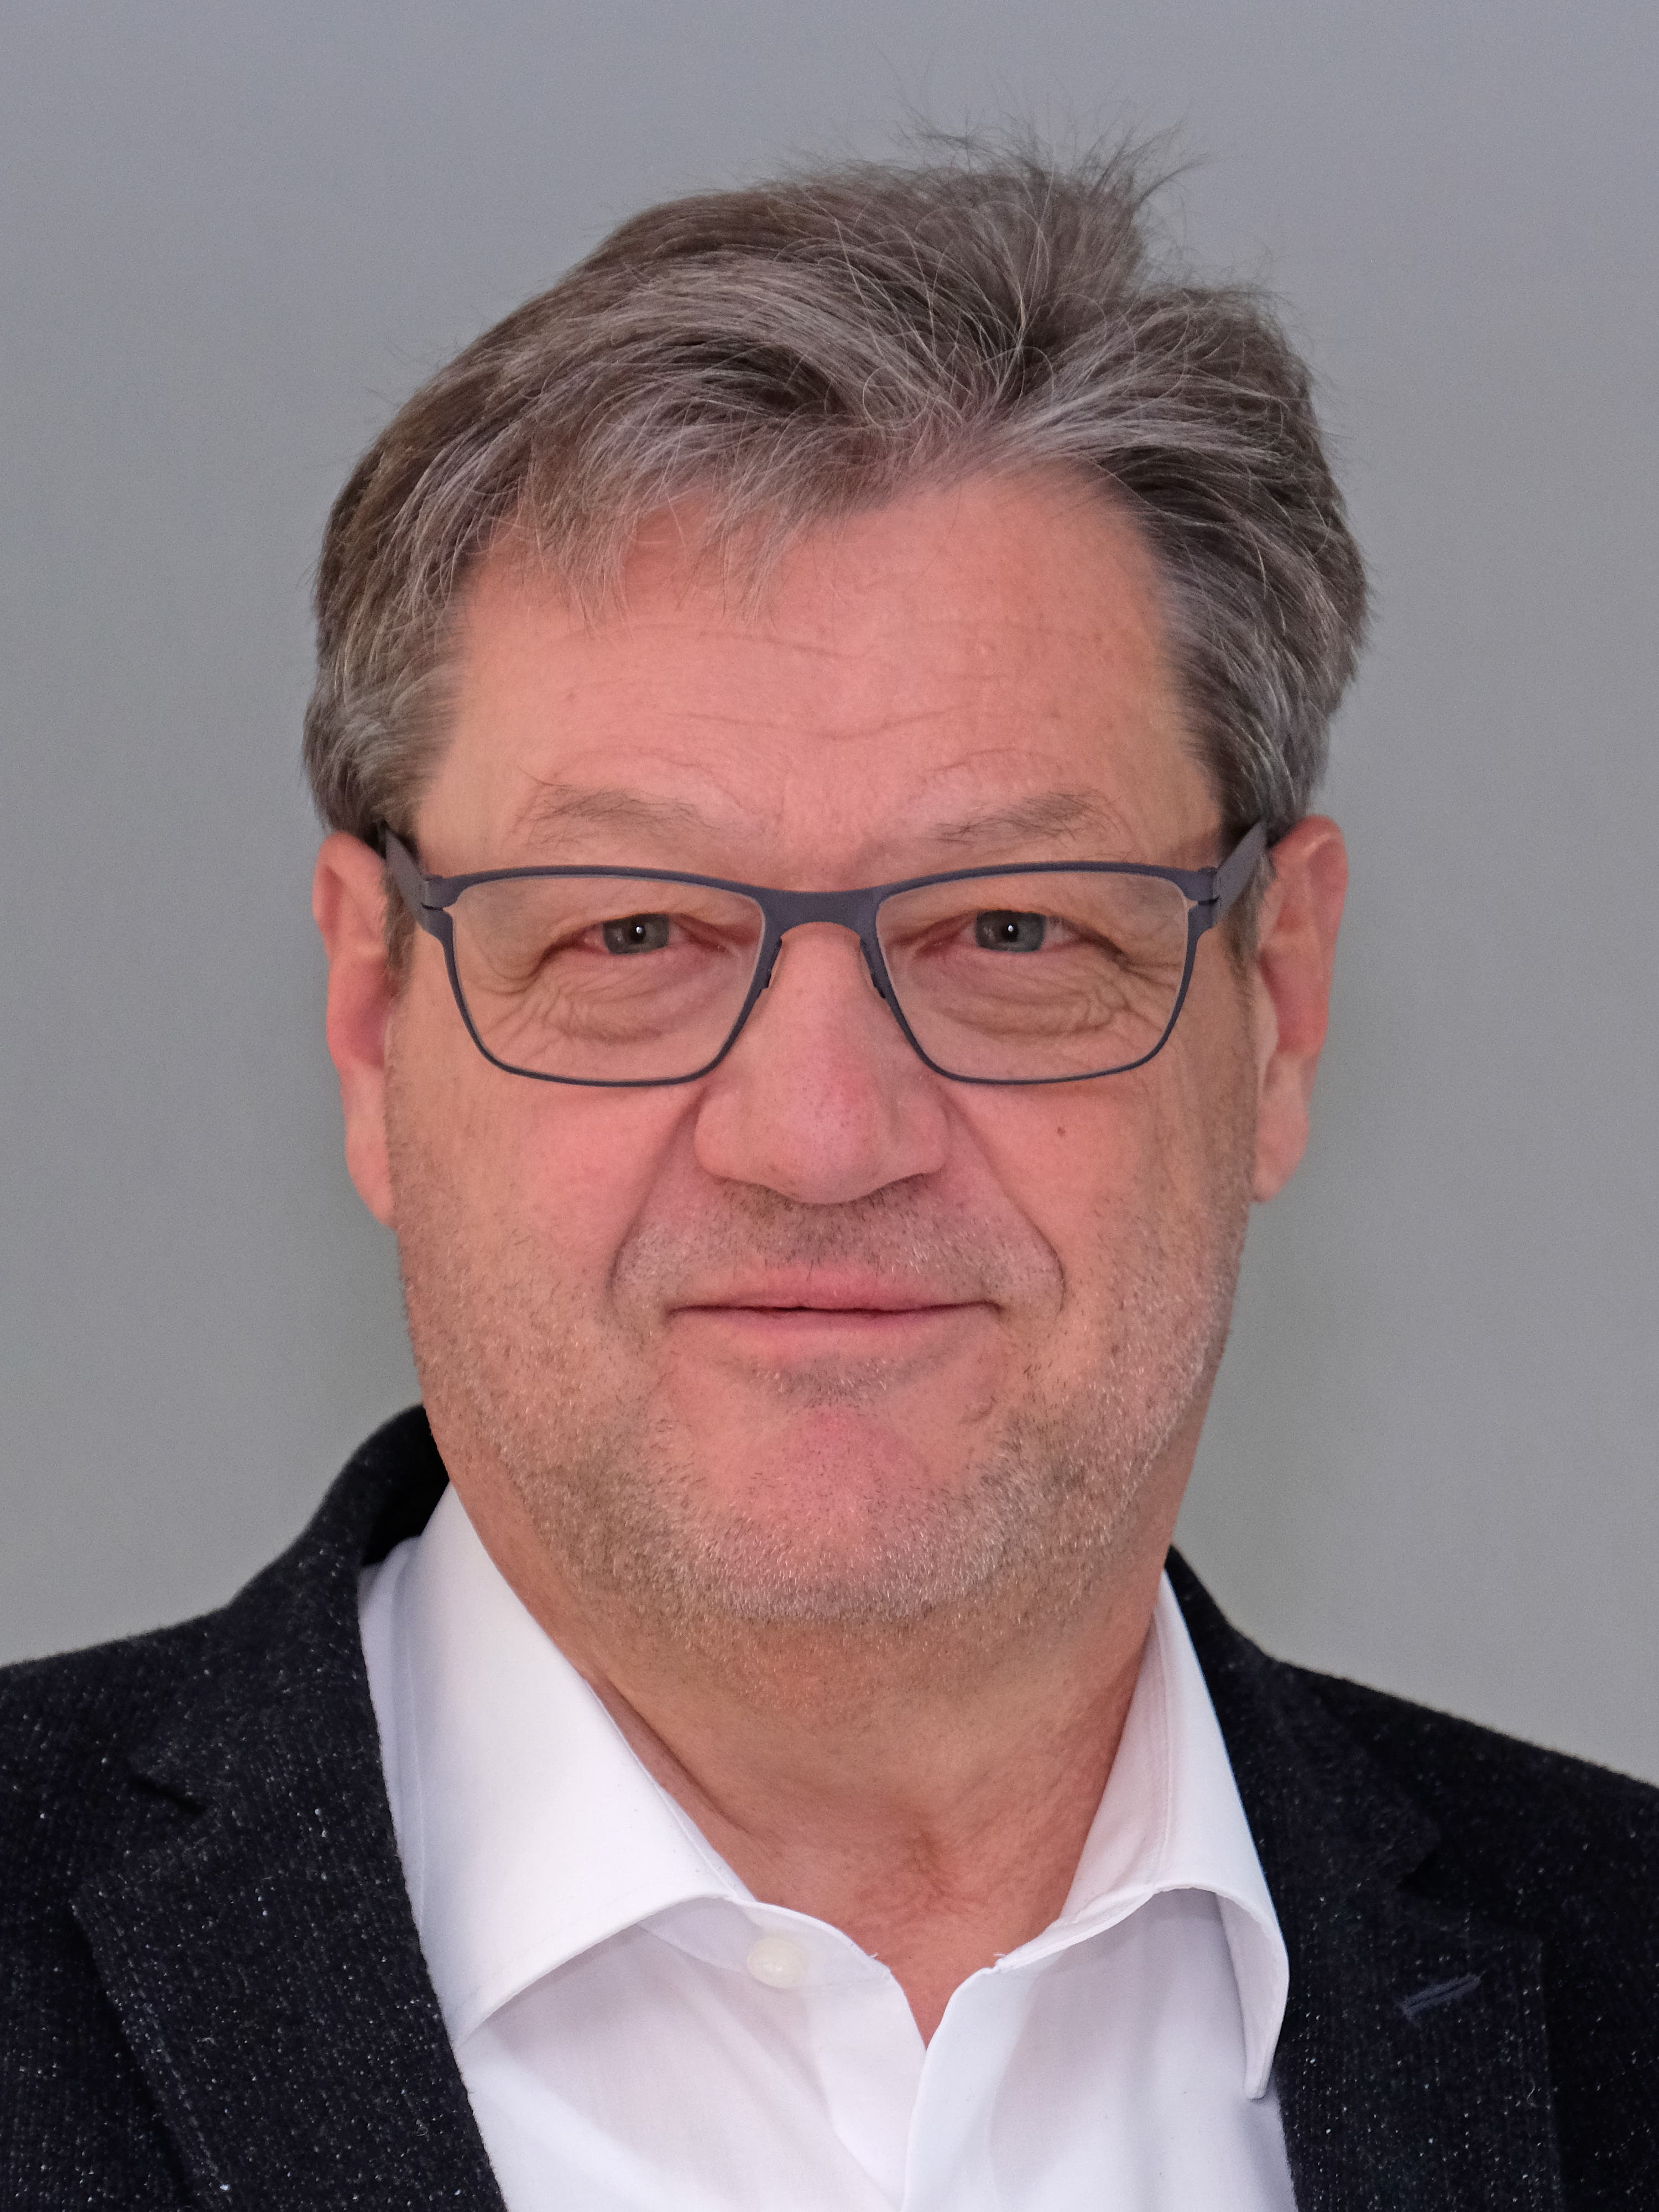 Nicht gewählt mit 215 Stimmen: Walter Eberhard, IG UPS (bisher)